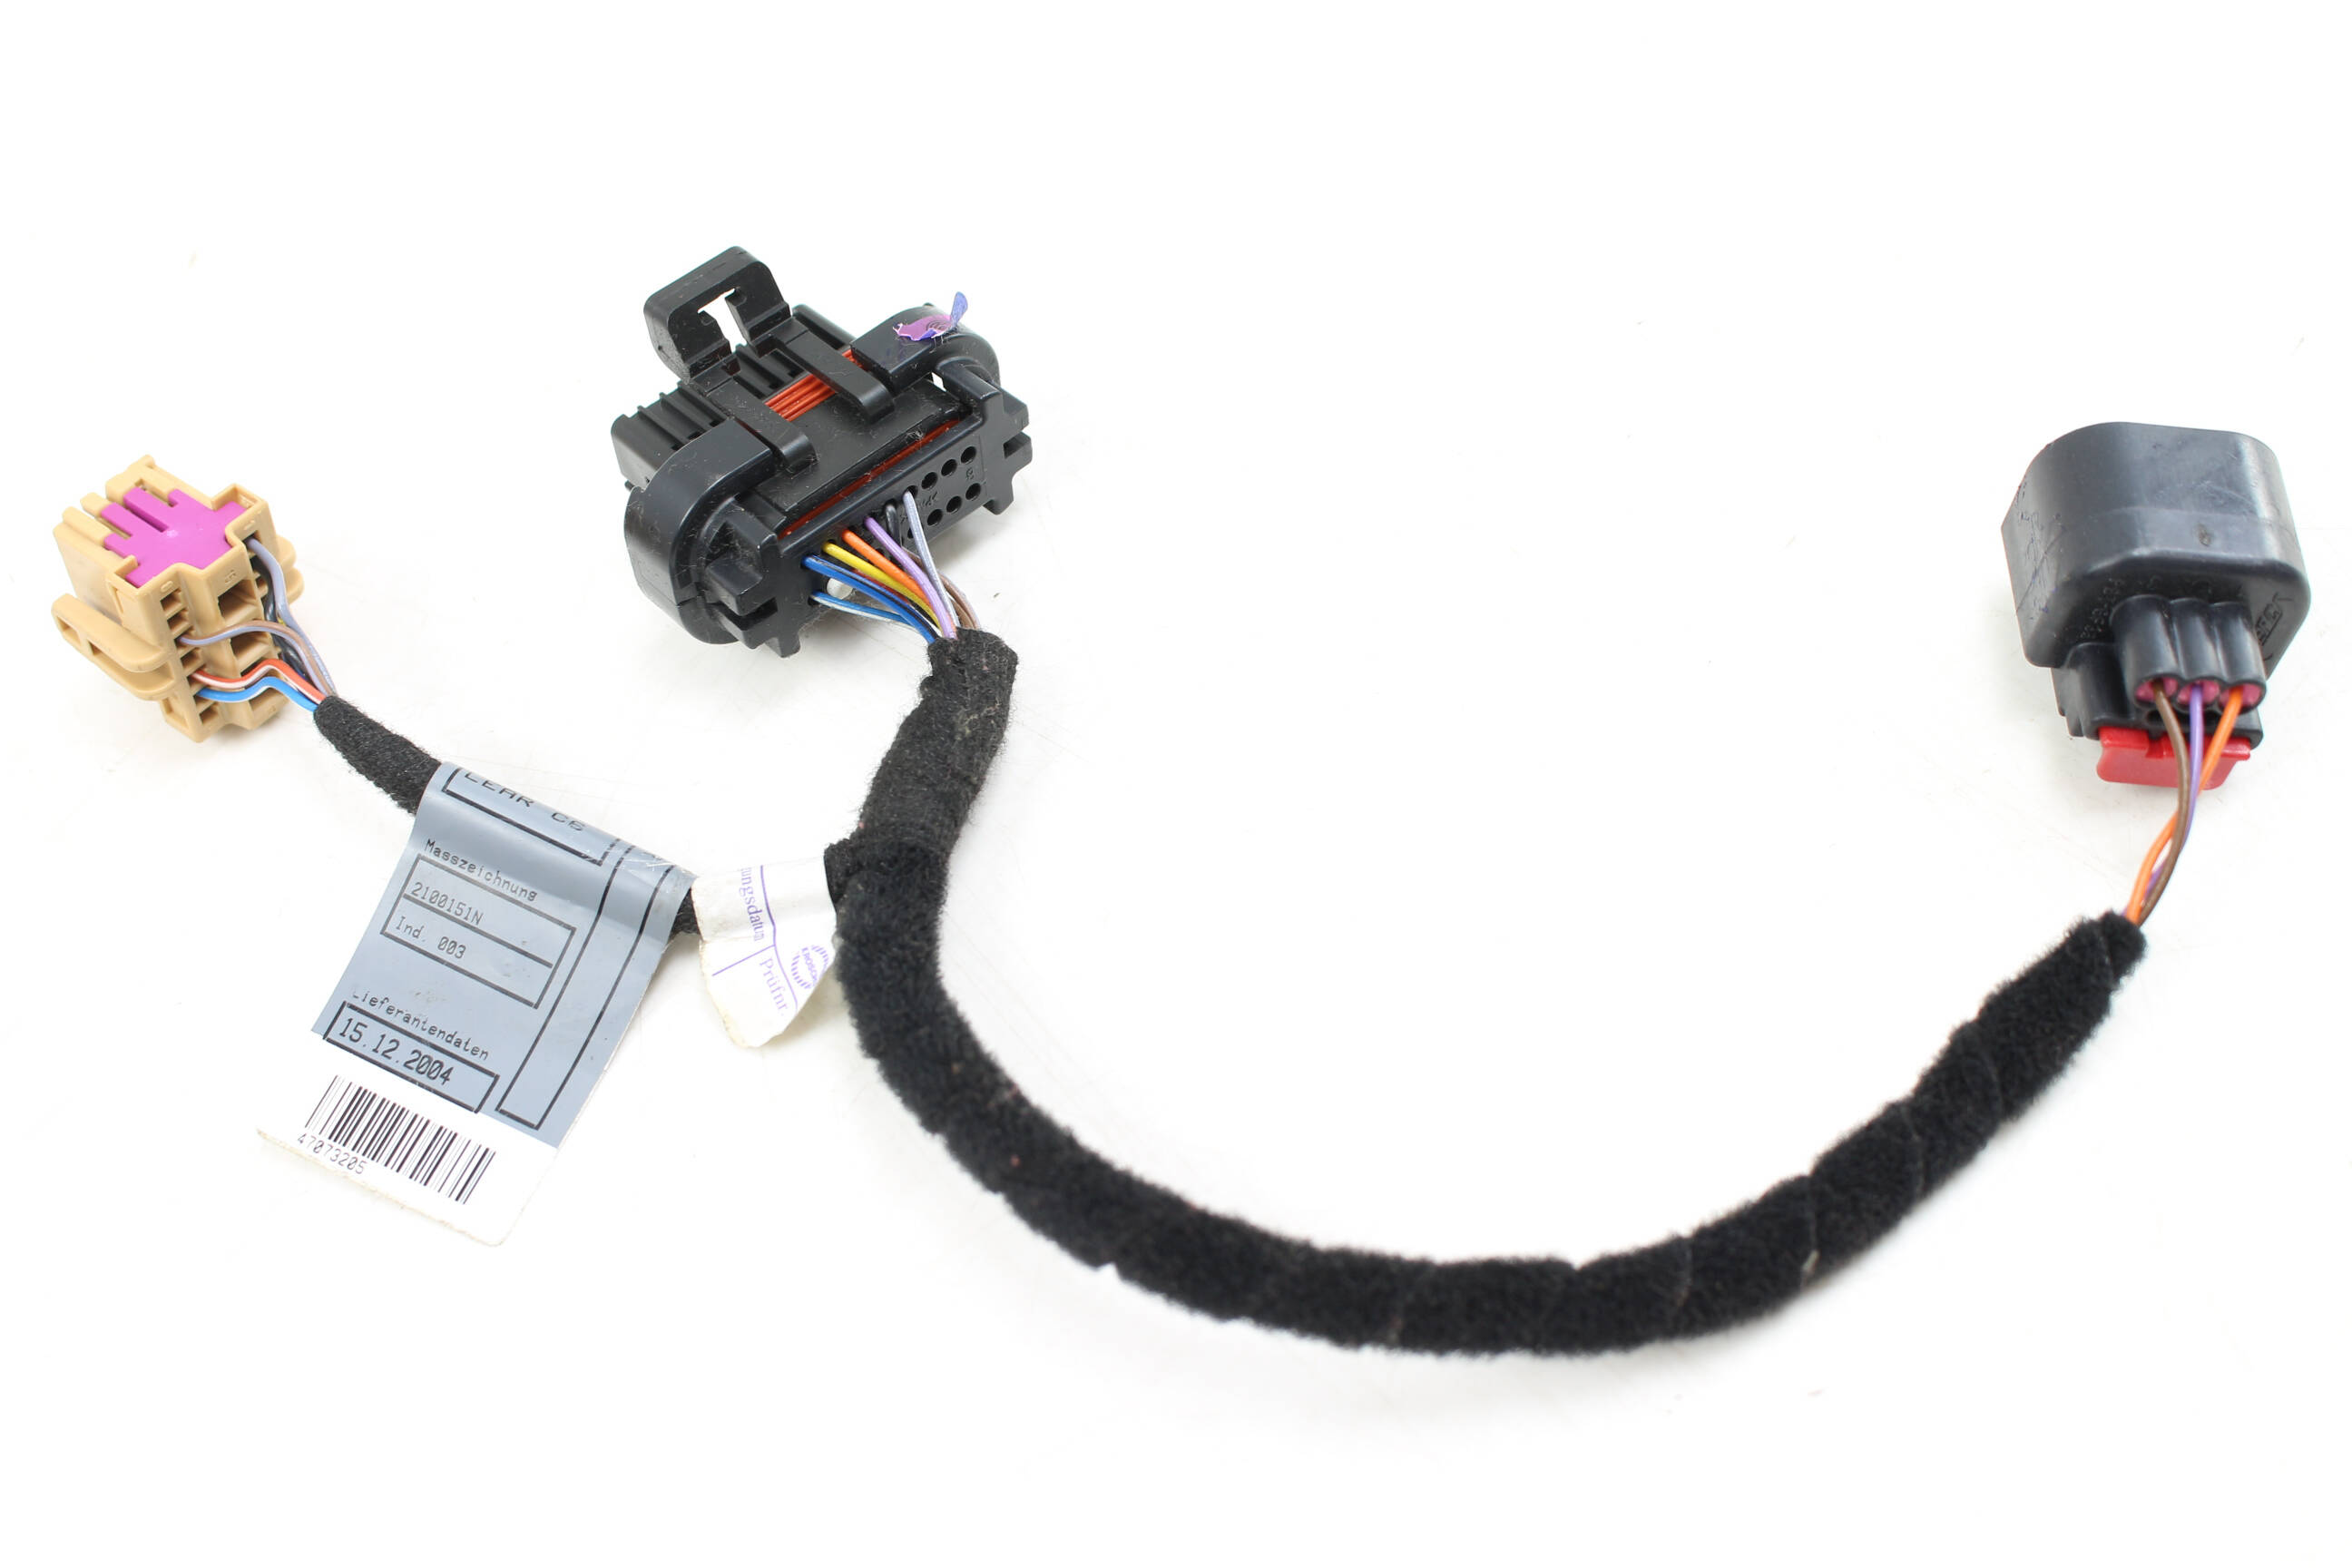 2005 2006 2007 2008 2009 2010 AUDI A6 C6-Seat ocupante ... Audi A Wiring Harness on ford wiring harness, camaro wiring harness, mopar wiring harness, honda wiring harness, 2000 mustang wiring harness, vw wiring harness, saab wiring harness, toyota wiring harness, mitsubishi wiring harness, mercury wiring harness, porsche wiring harness, jayco wiring harness, 2004 mustang wiring harness, subaru wiring harness, lexus wiring harness, kymco wiring harness, hyundai wiring harness, dodge wiring harness, miata wiring harness, chrysler wiring harness,